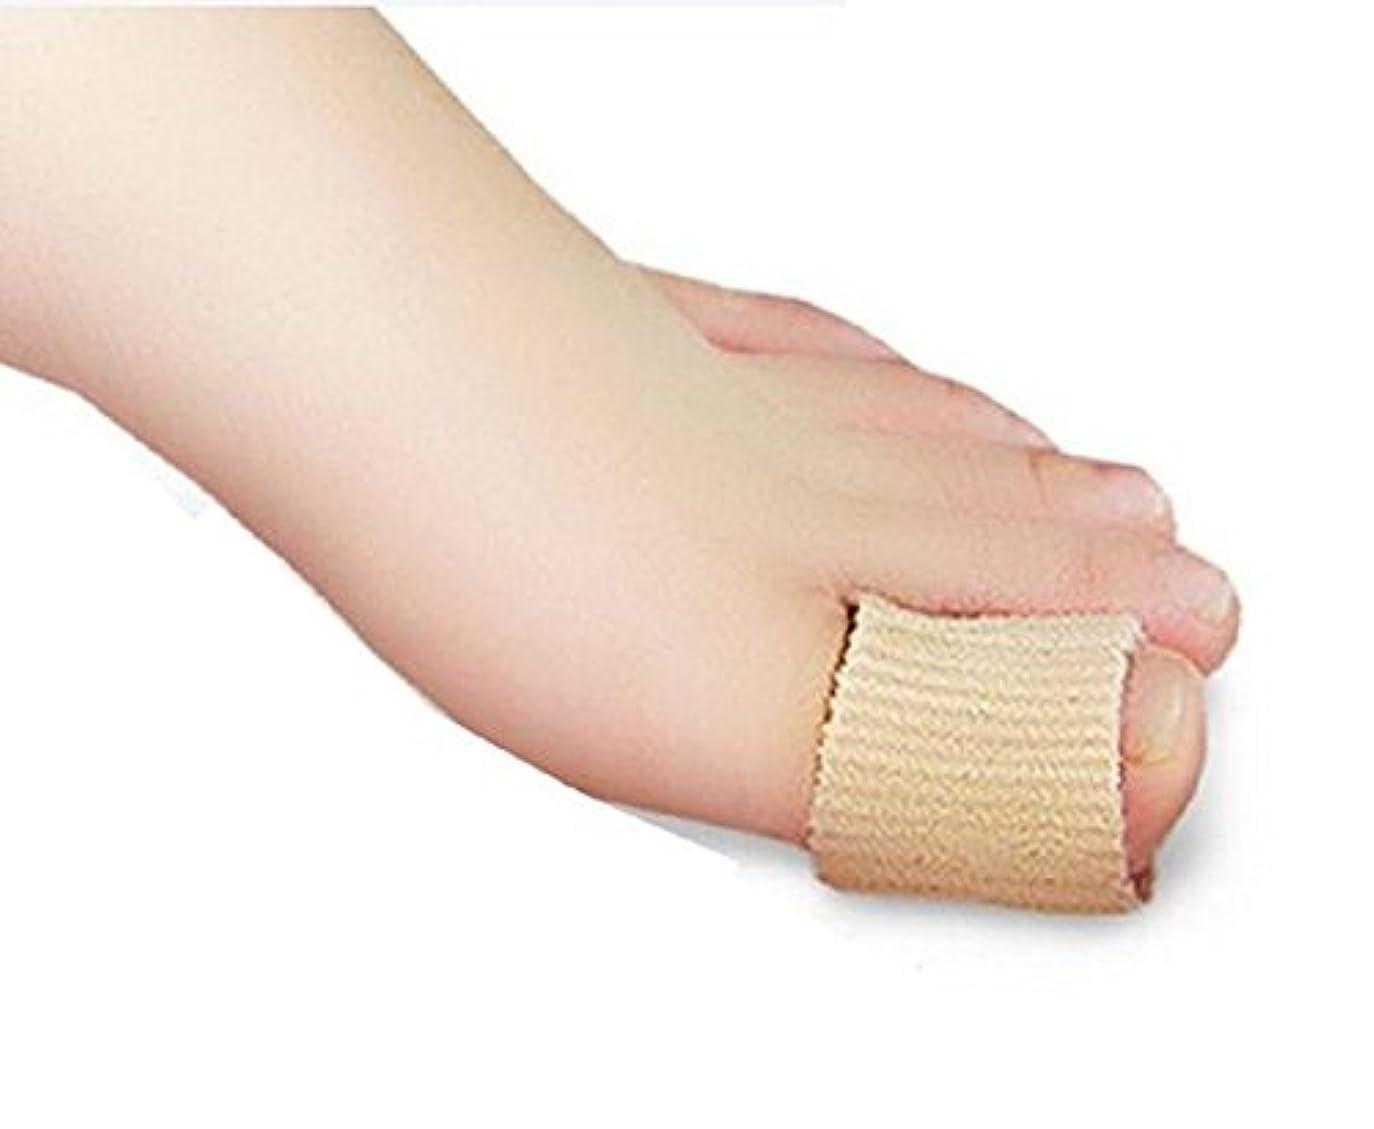 公マートるI BECOME FREE 足指保護パッド 手の指 突き指 足まめ マメ 水虫 腫れ 内部のジェルで優しく包みます